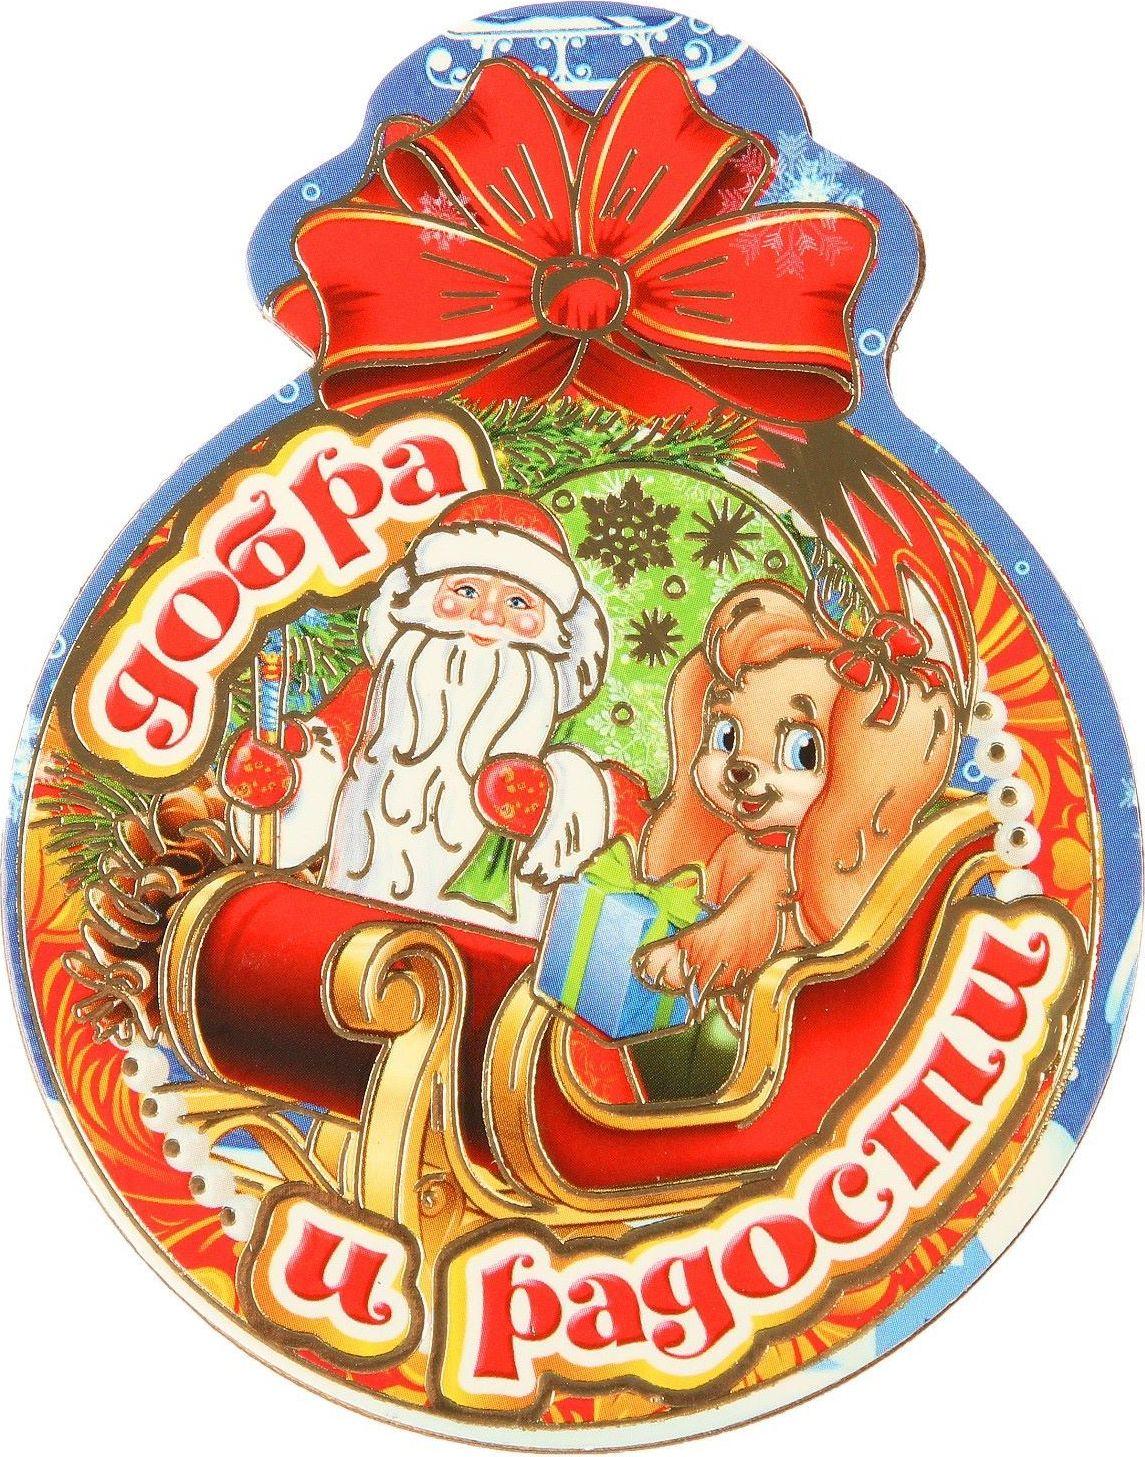 Магнит Sima-land Новогодний, 9,5 х7,5 см. 25943152594315Порадуйте родных и близких оригинальным сувениром: преподнесите в подарок магнит. С ним даже самый серьёзный человек почувствует себя ребёнком, ожидающим чудо! Создайте праздничное настроение, и оно останется с вами на весь год.